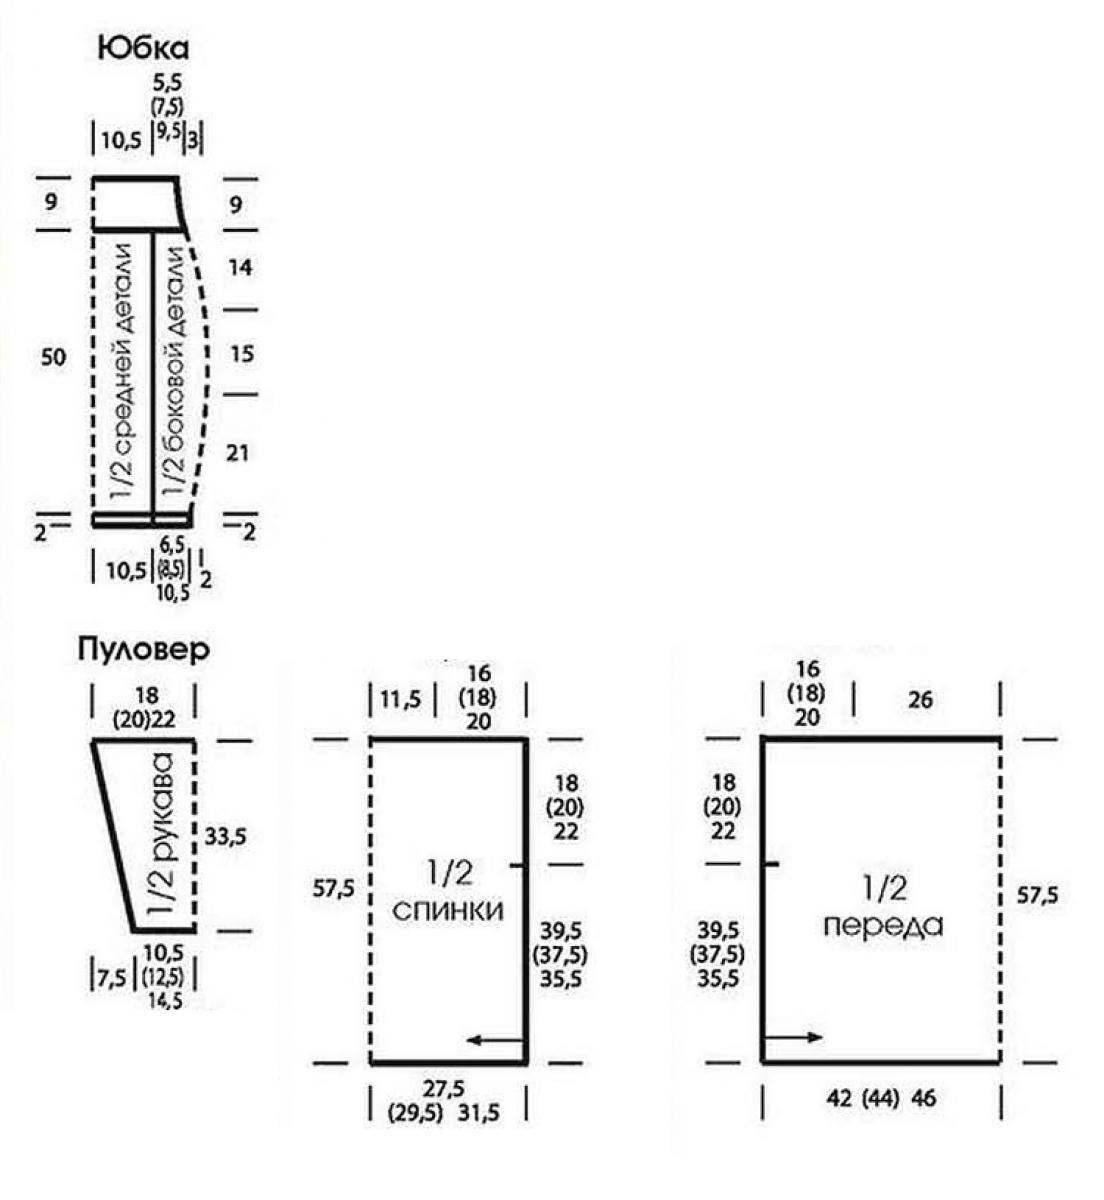 Кофта спицами в стиле оверсай и юбка карандаш с ребристым узором  выкройка